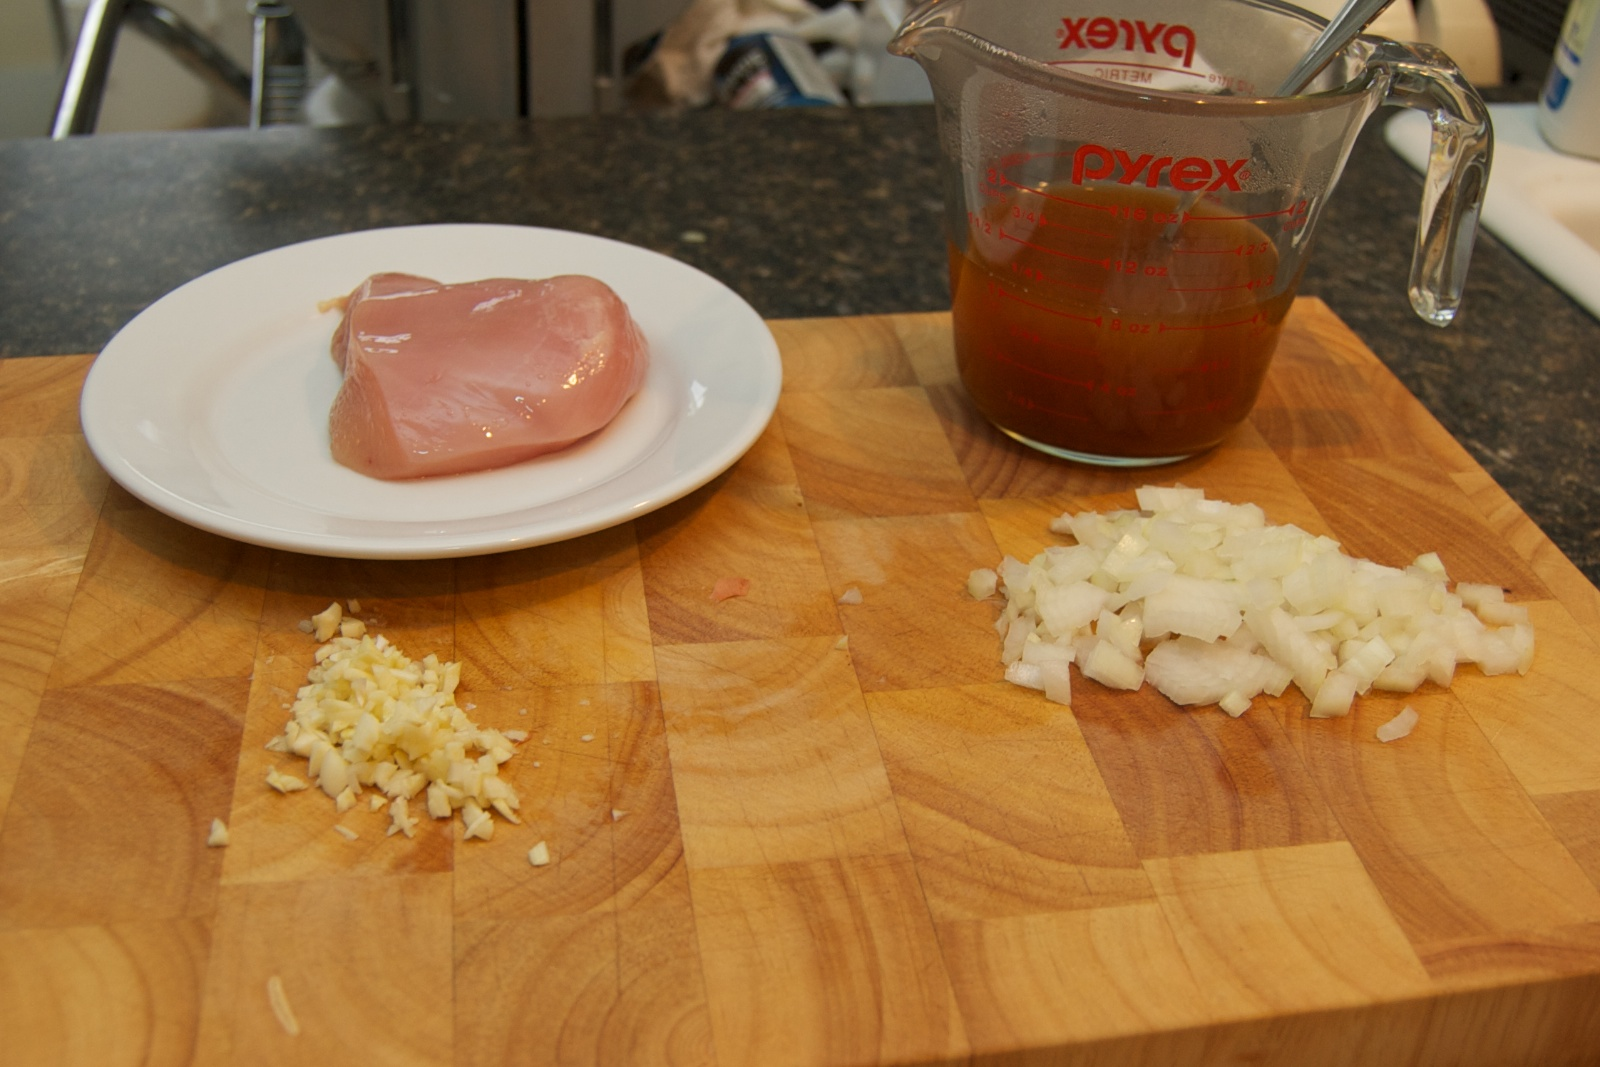 http://blog.rickk.com/food/2010/10/15/chickenpaprika5.jpg